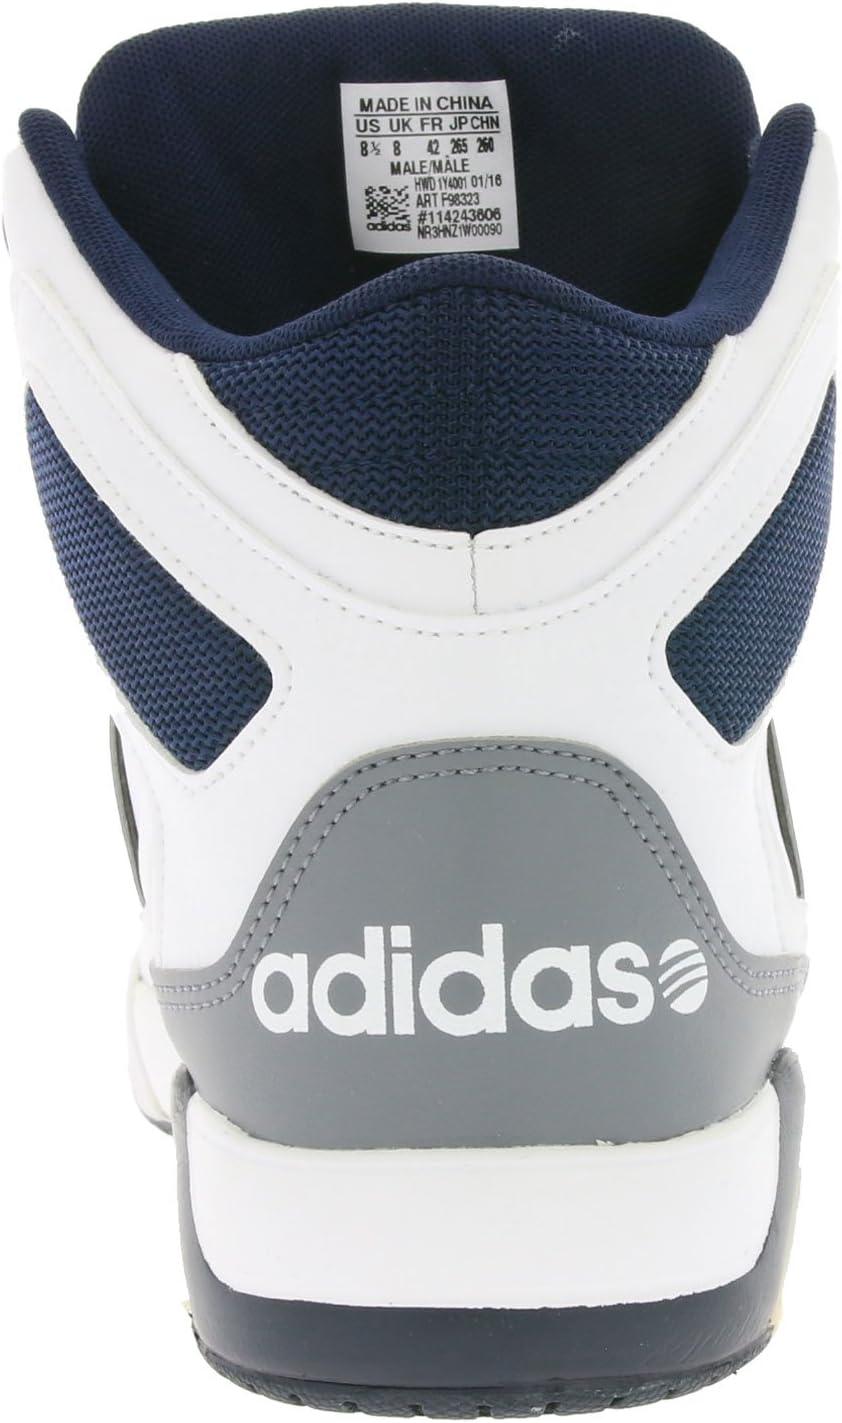 adidas neo BB9TIS MID Schuhe Herren Sneaker Sportschuhe Weiß F98323